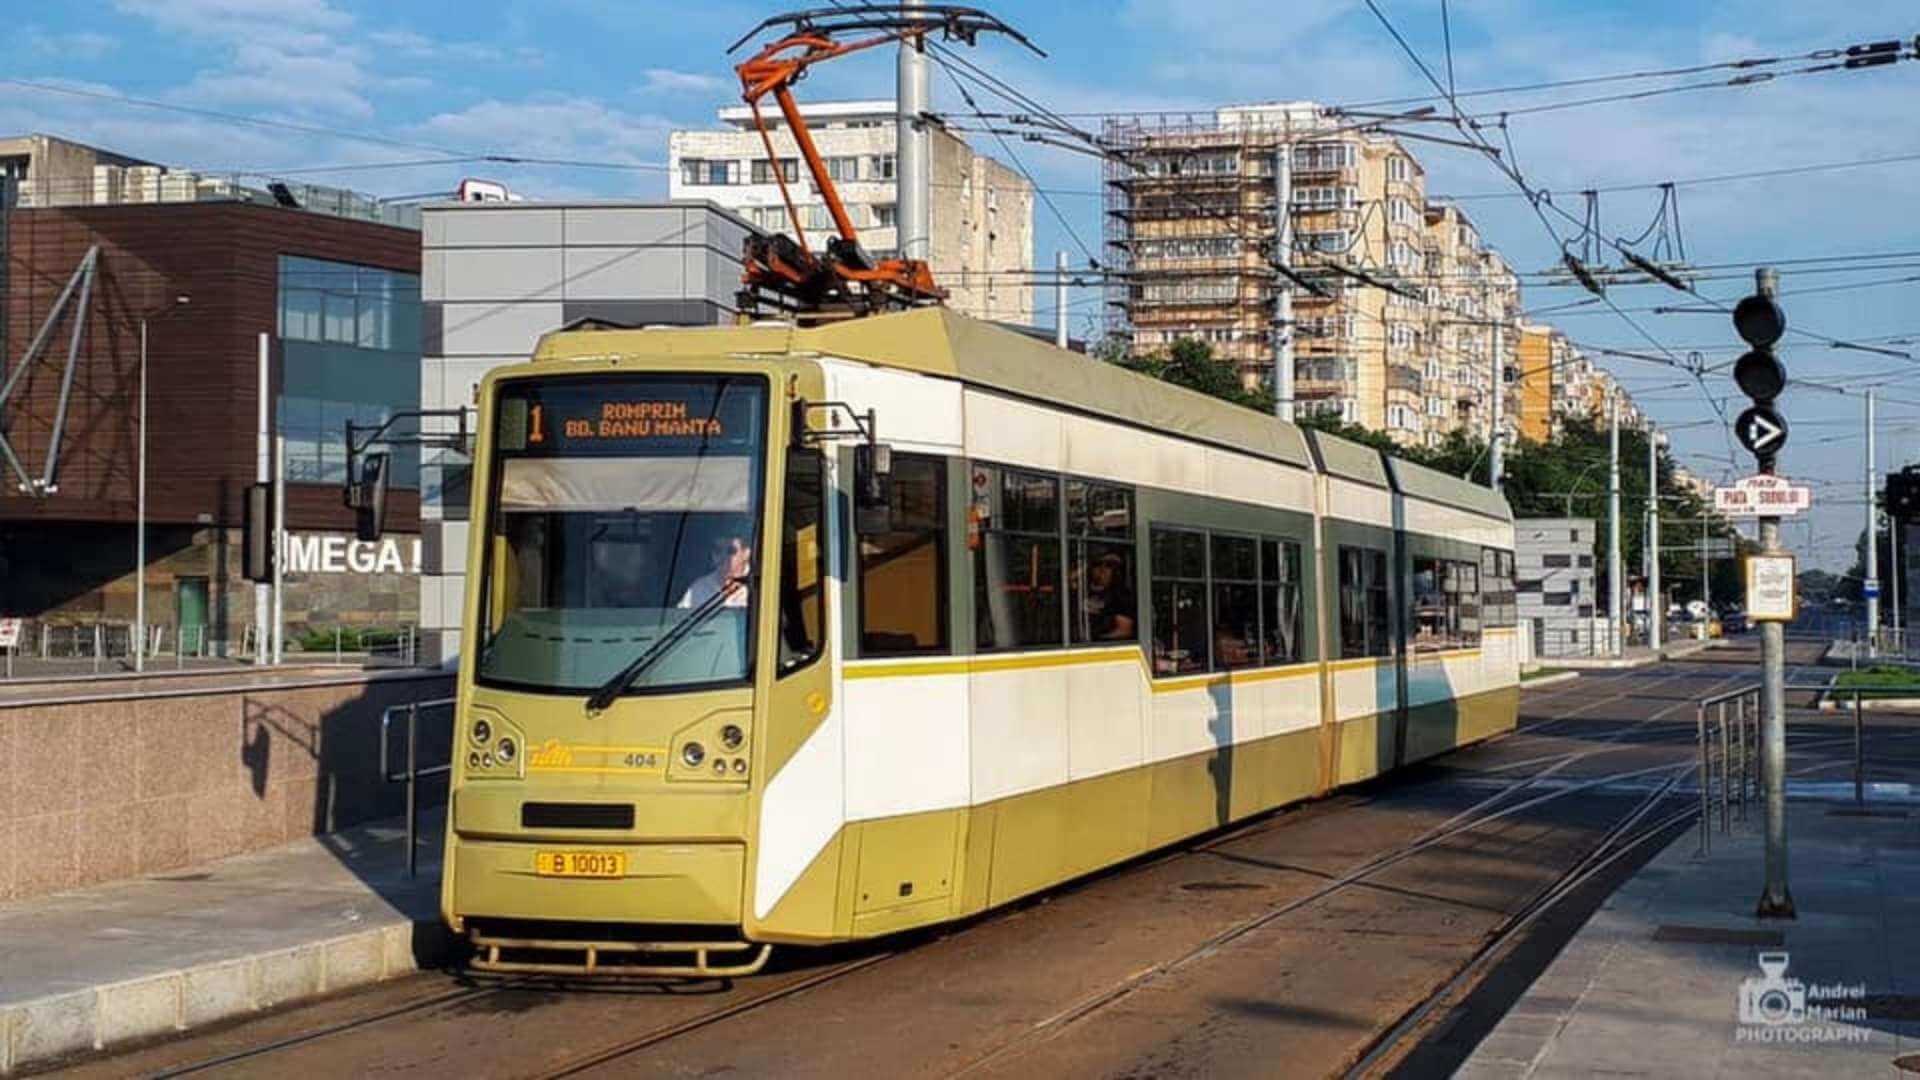 Transportul în comun din București se scumpește de la 1 august. Vor apărea bilete comune pentru metrou, autobuz și tramvai, valabile 90 de minute.